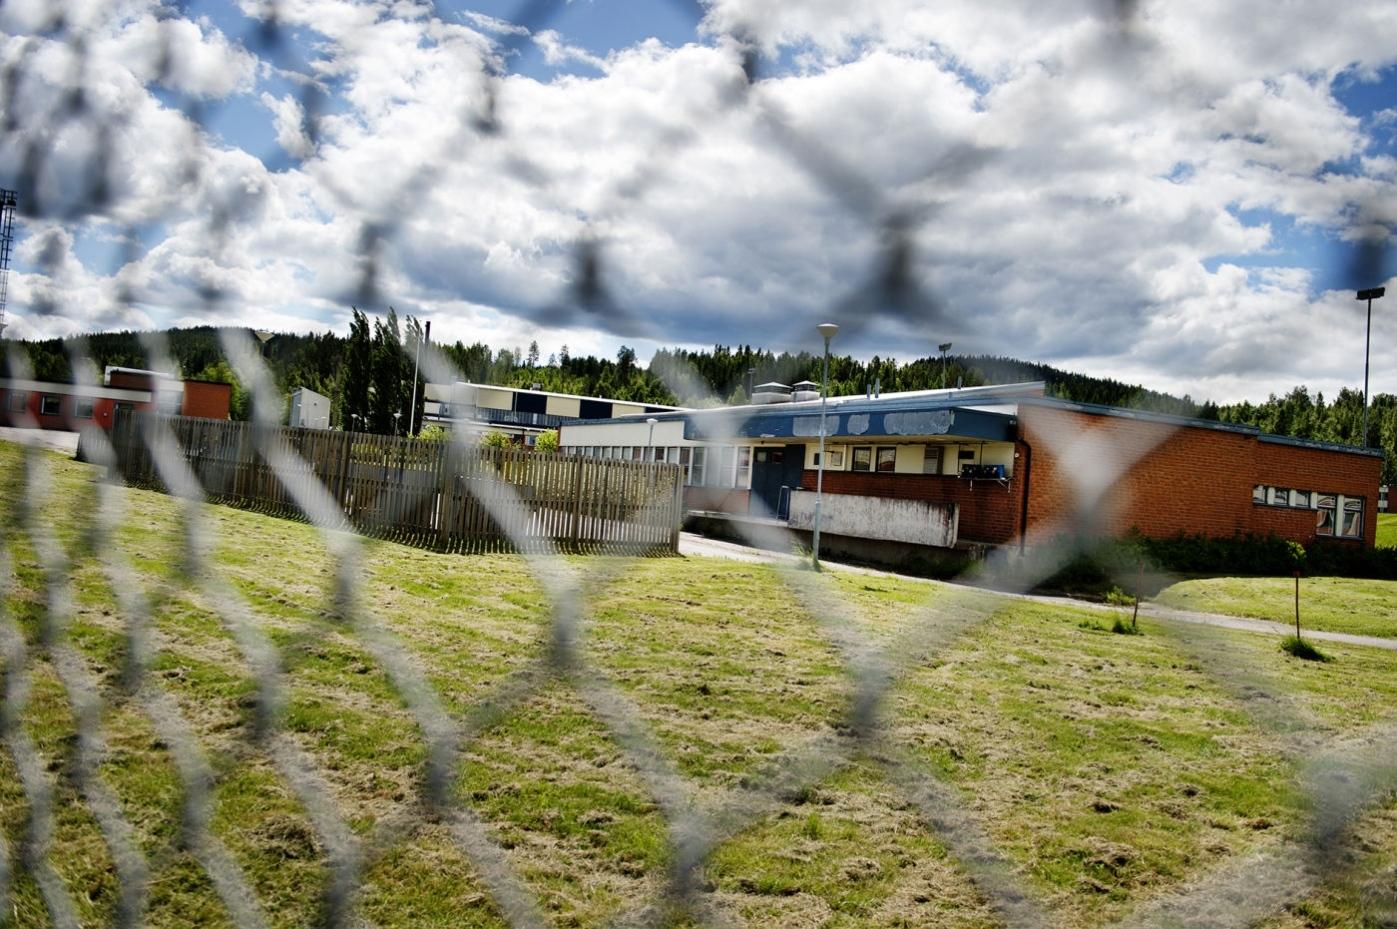 Norskt asylboende brann ner